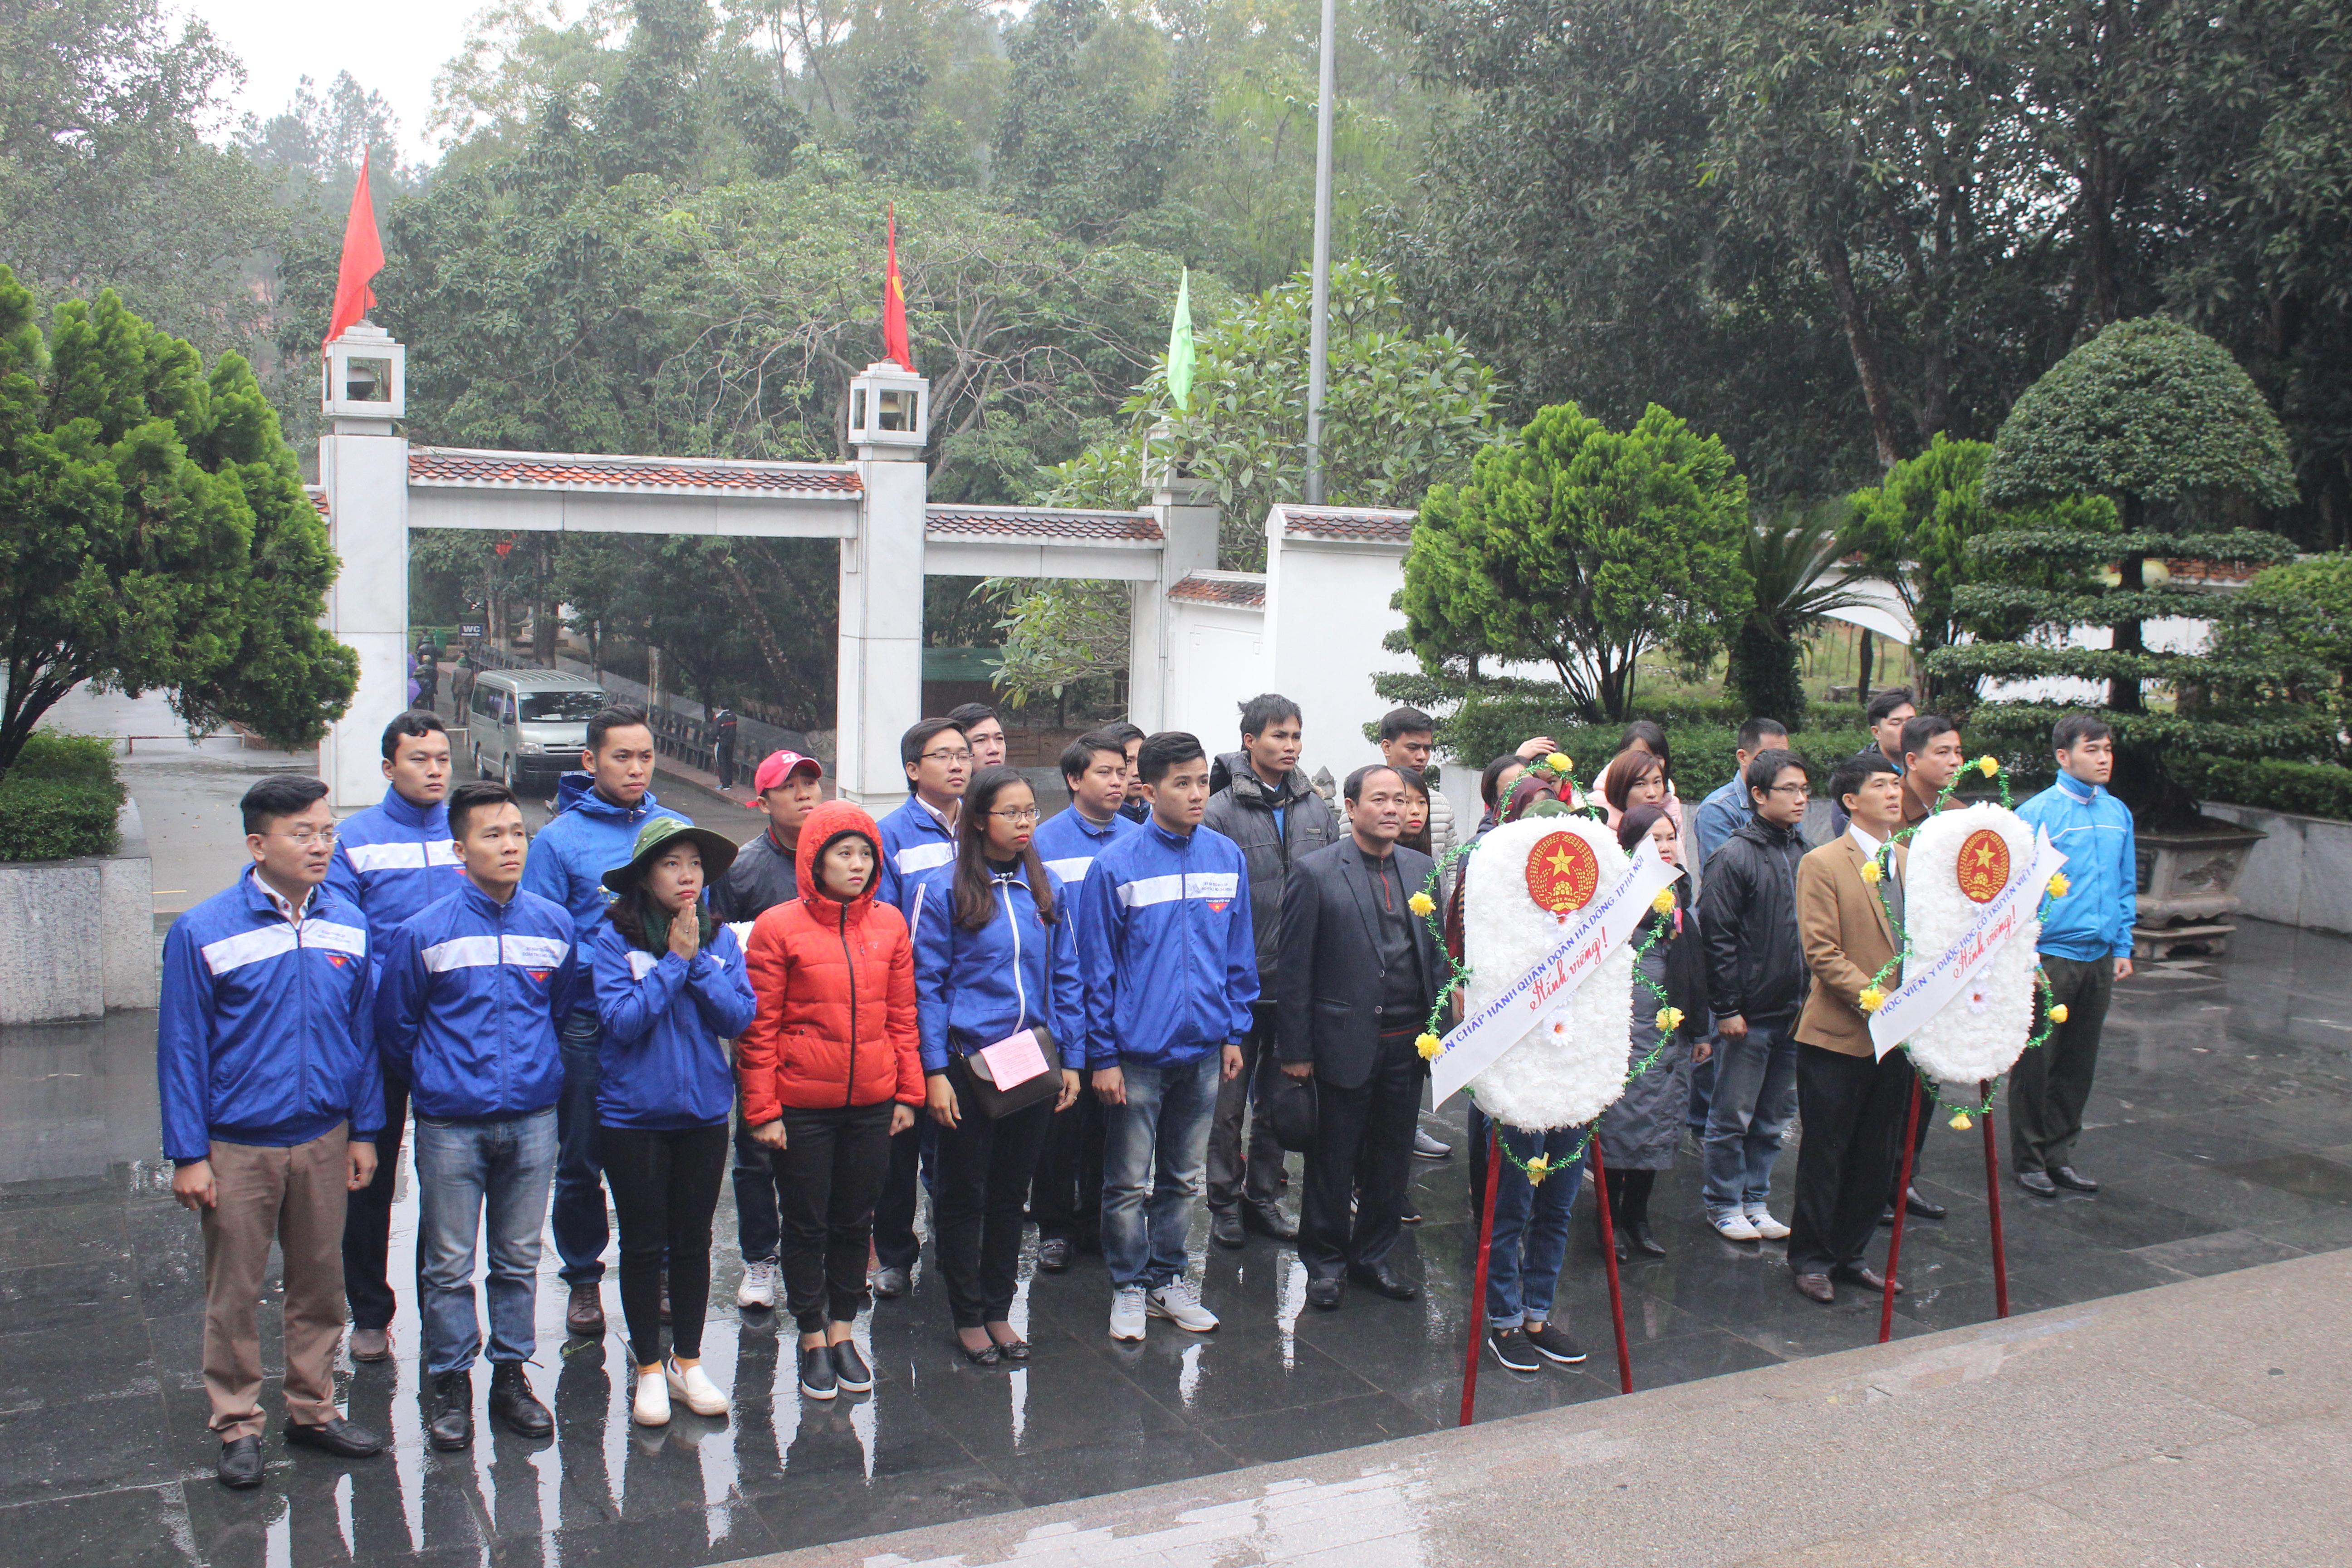 Quận đoàn Hà Đông tổ chức hành trình về nguồn tại Hà Tĩnh